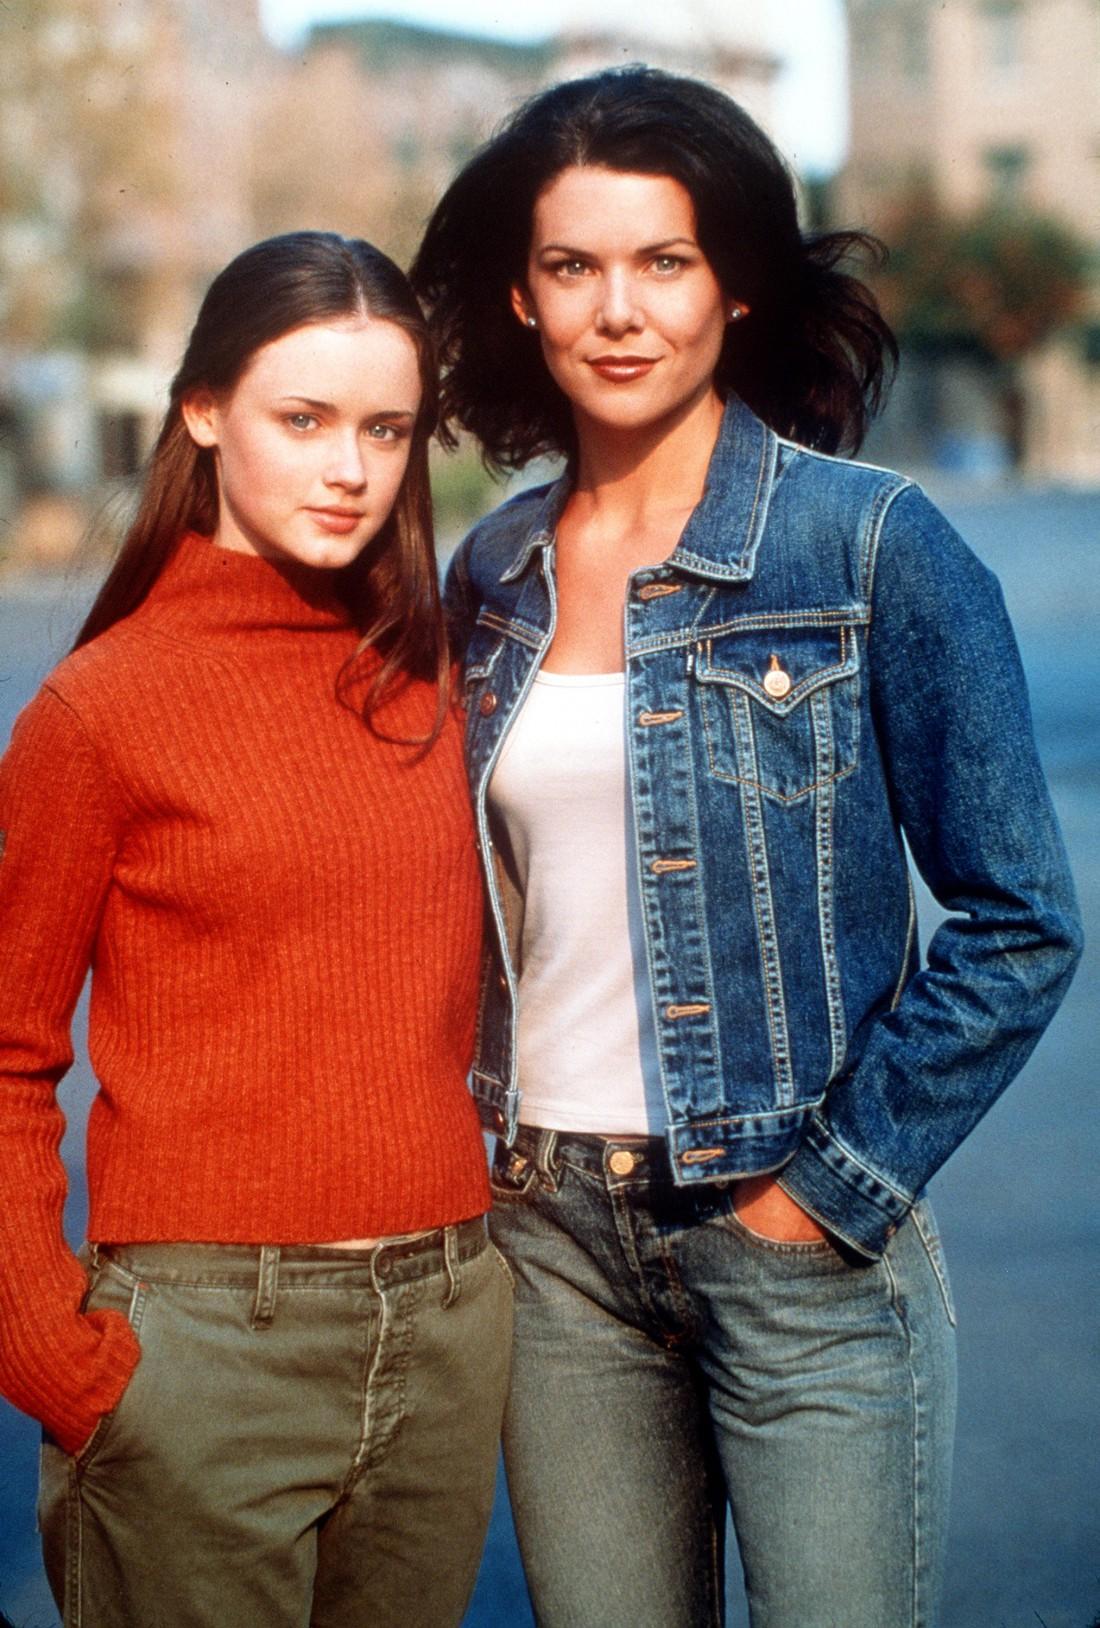 Алексис Бледал (слева) в сериале Девочки Гилмор. Справа – актриса Лорен Грэм